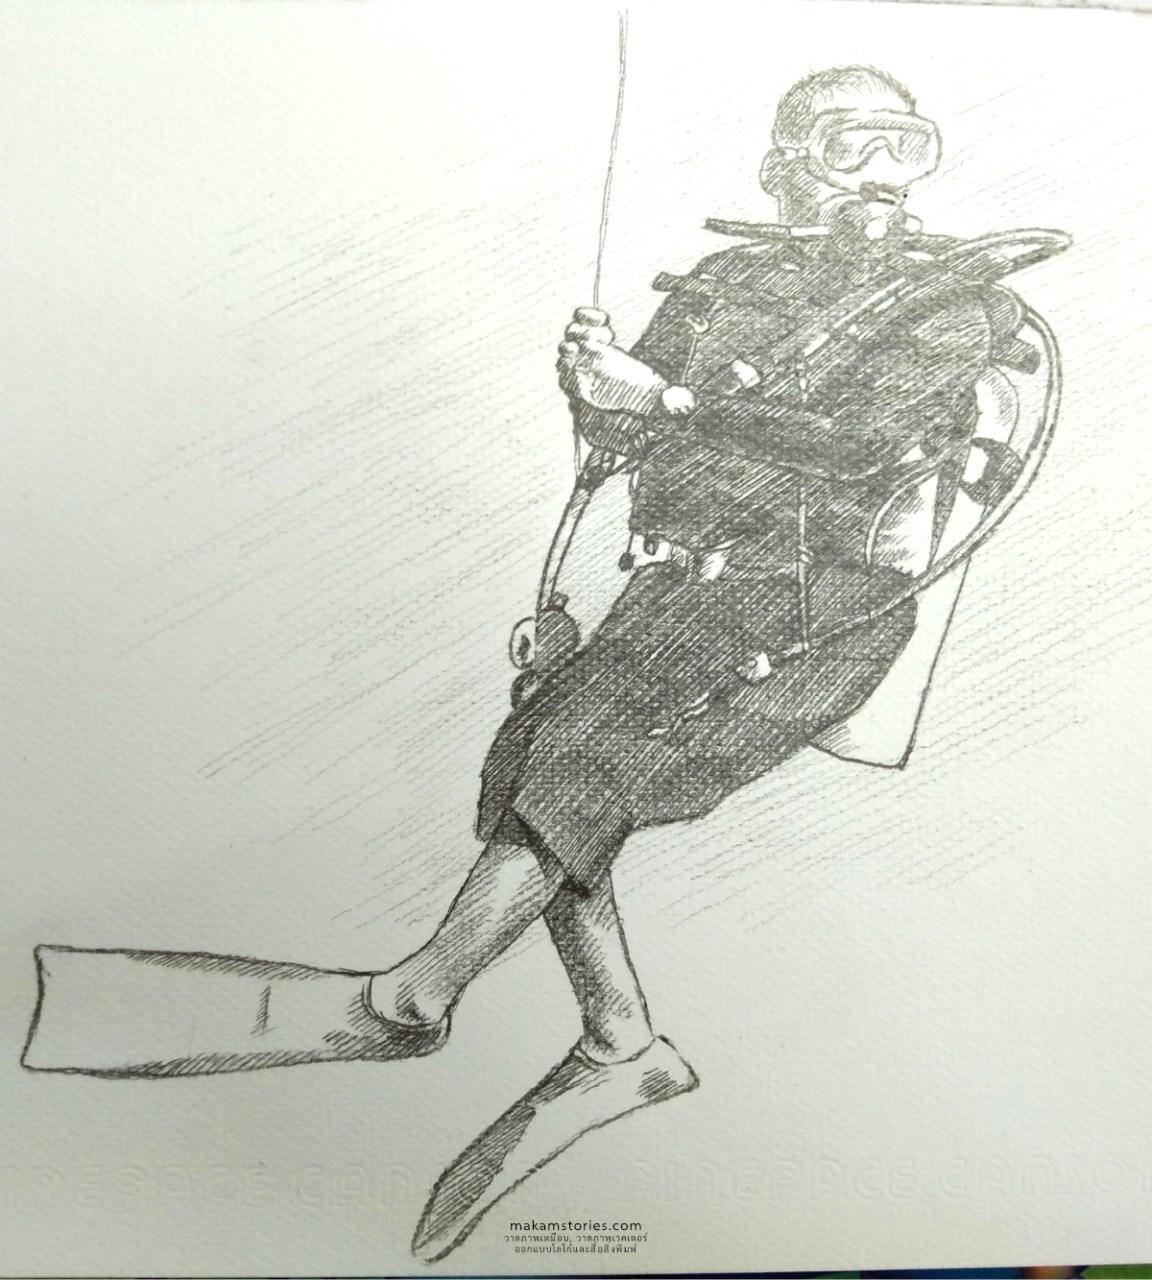 ภาพวาดลายเส้นบุคคลผู้ชาย ภาพวาดลายเส้นดินสอนักดำน้ำ